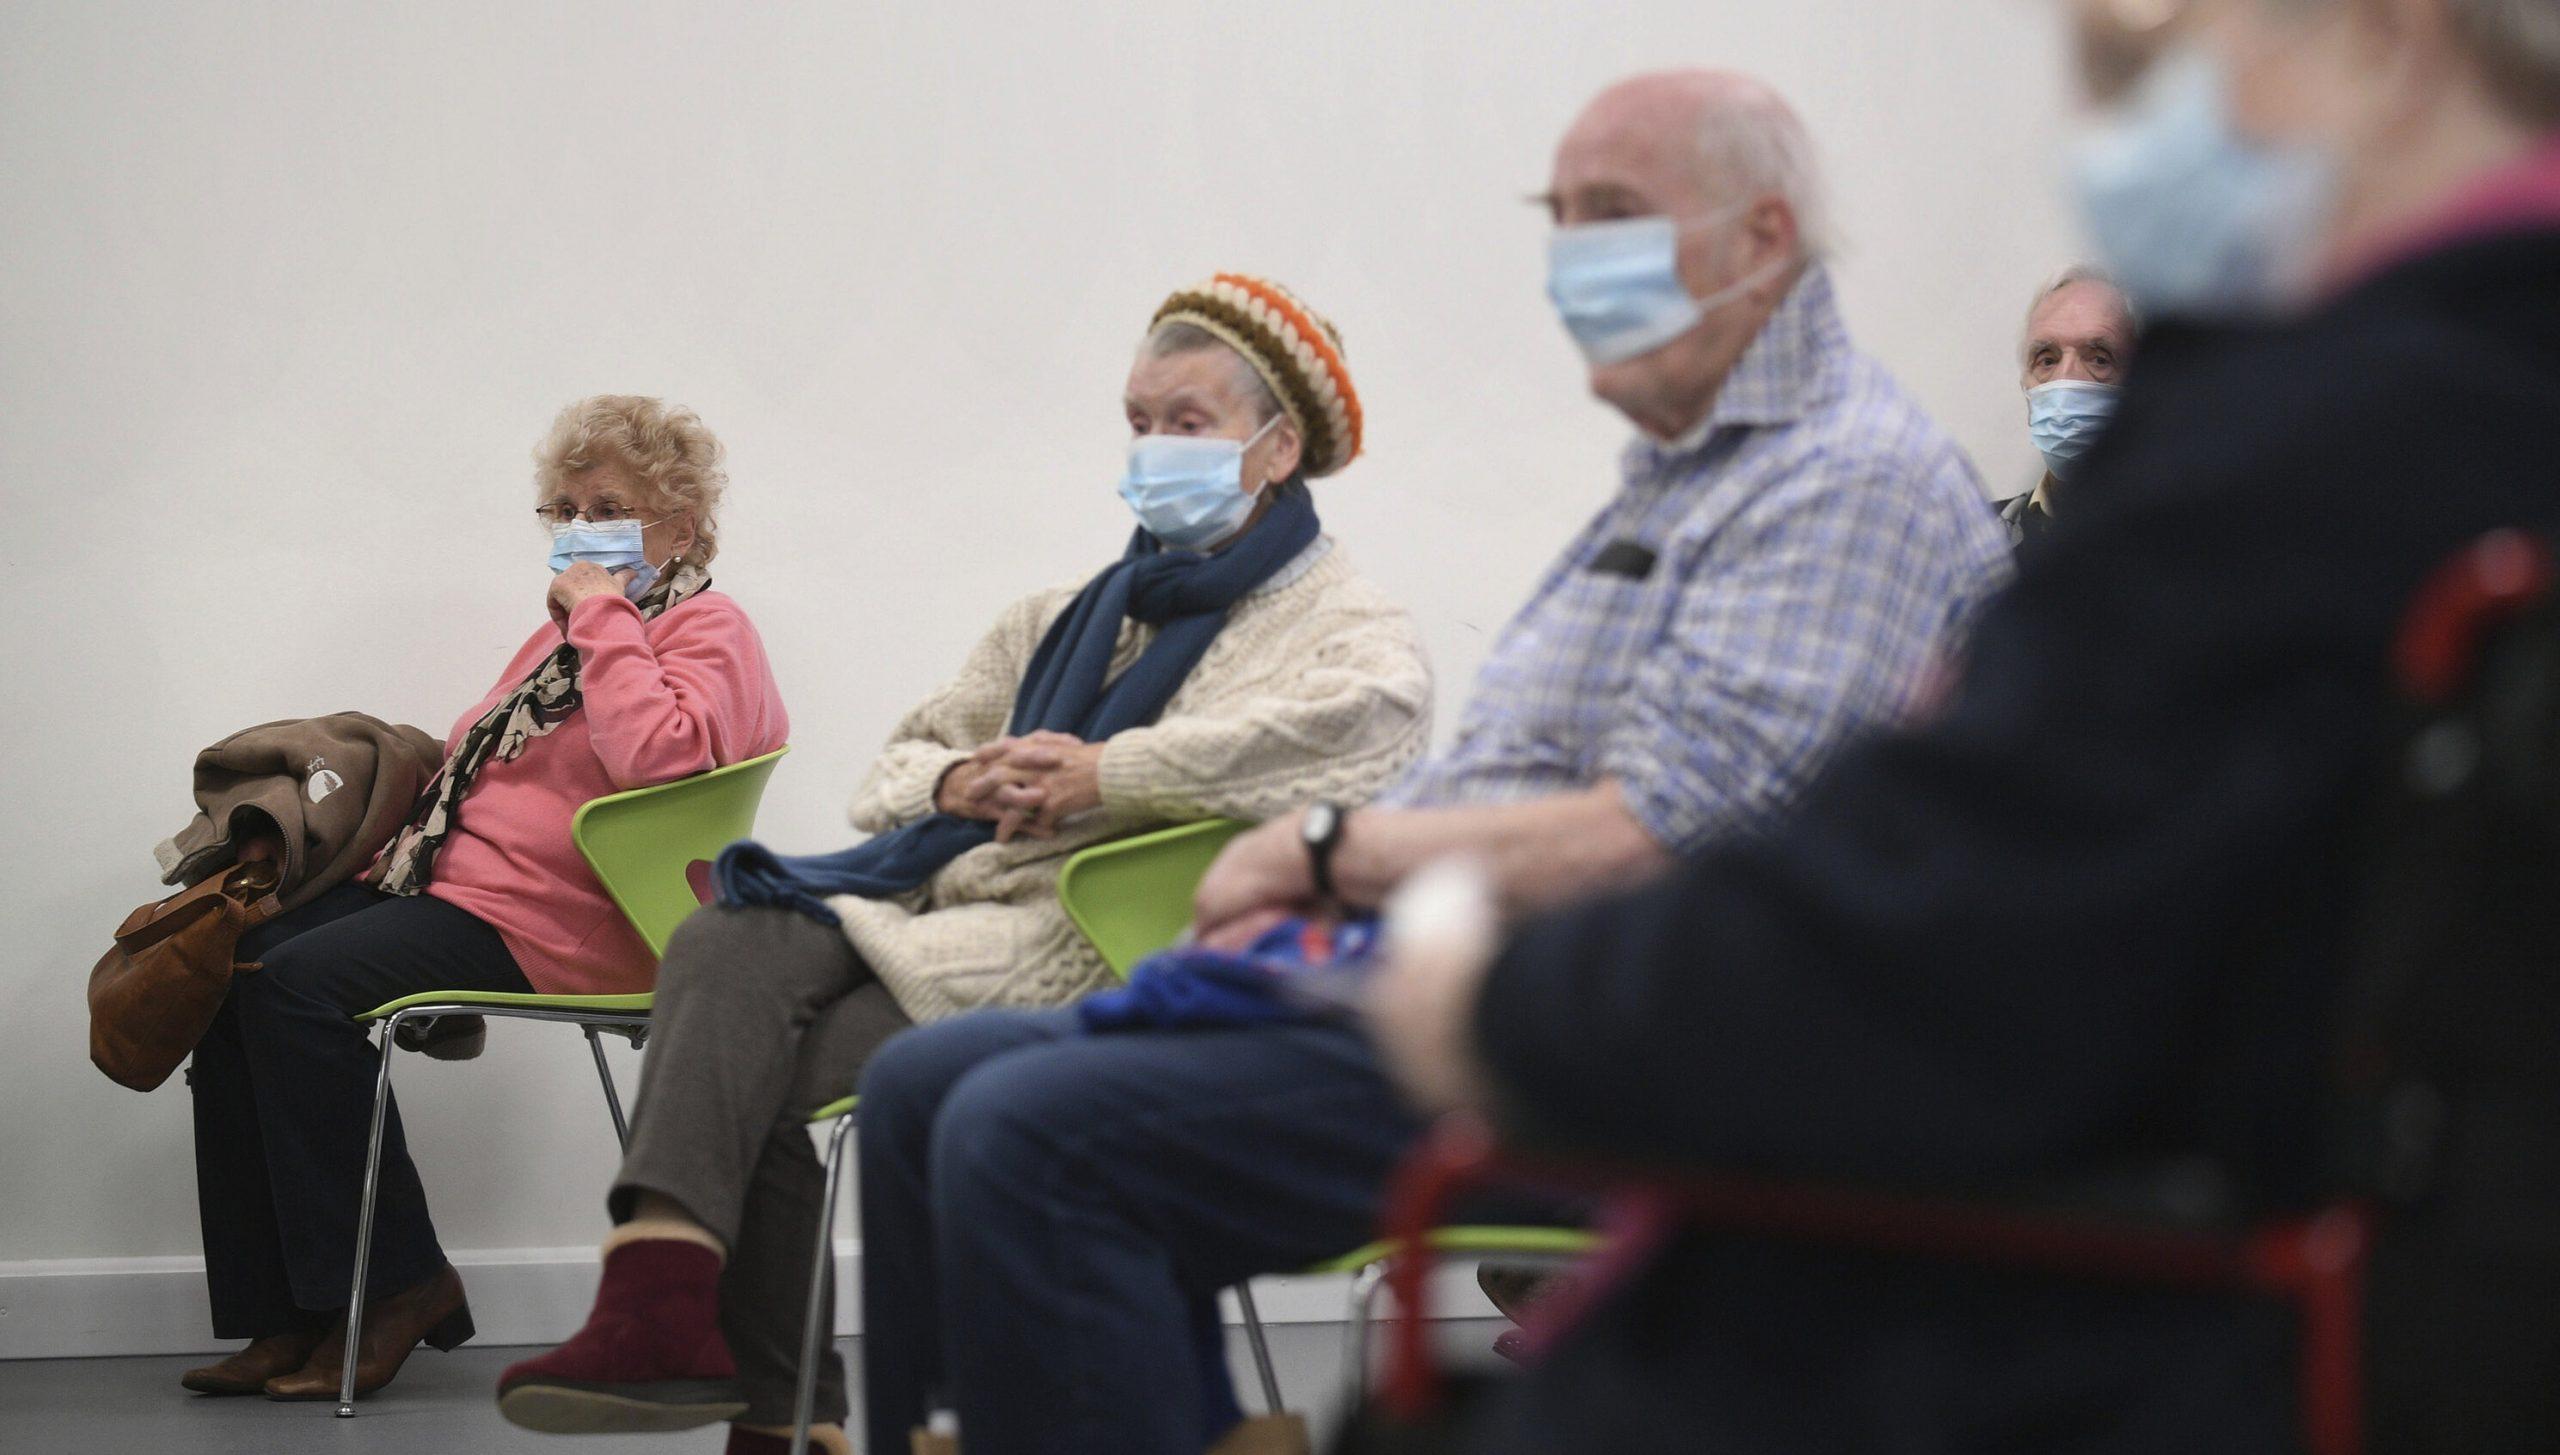 Anglia| Doar 1,2% dintre decesele Covid au survenit la persoane complet vaccinate, arată datele oficiale